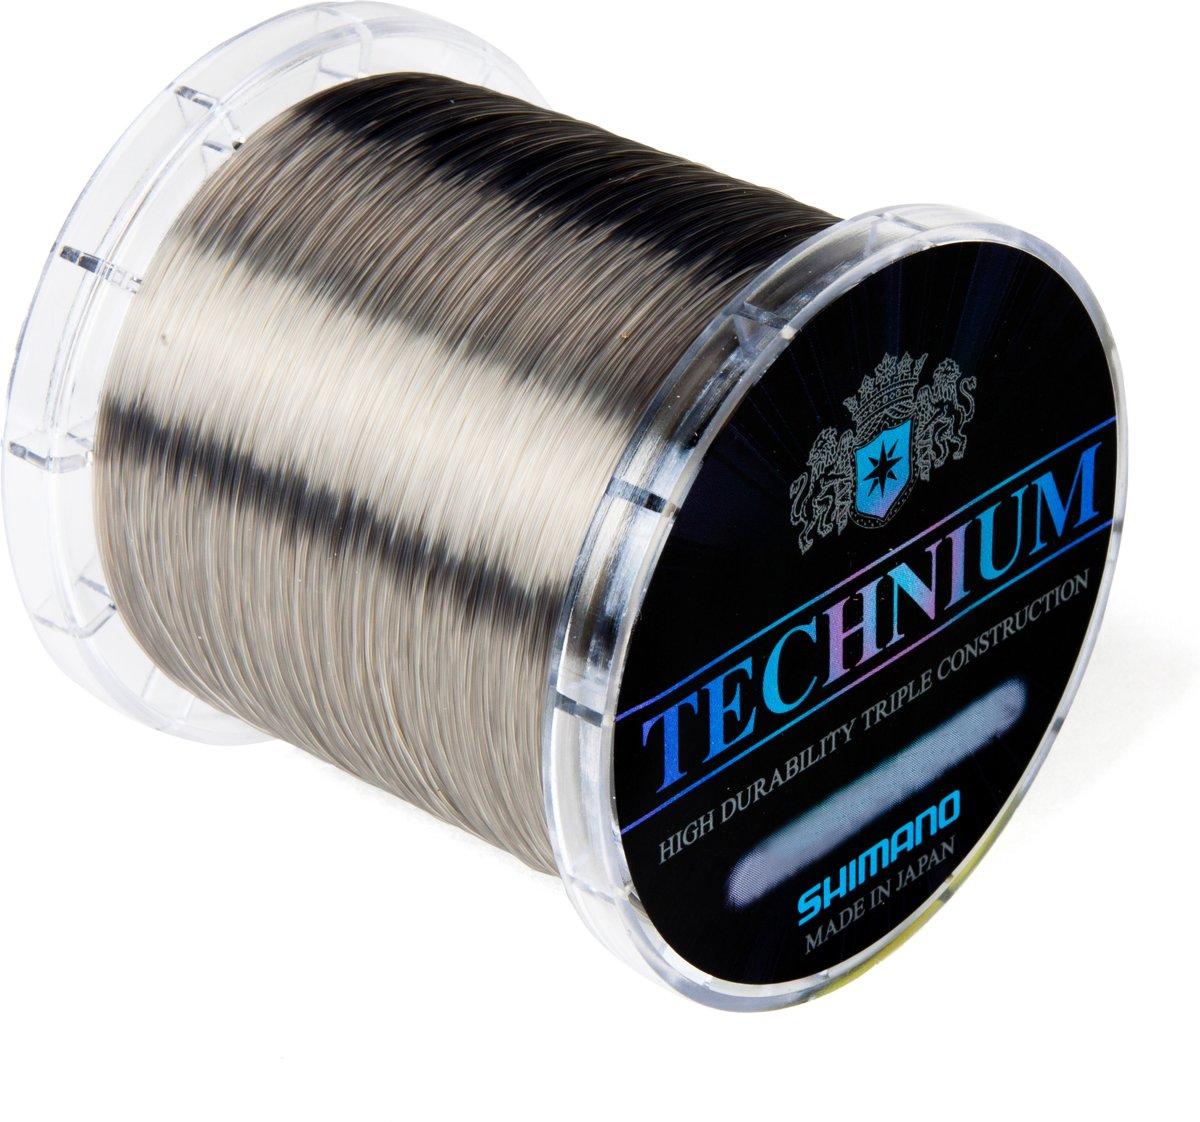 Shimano Technium Invisitec - Nylon - 0.30 mm - 9.8 kg - 1090m